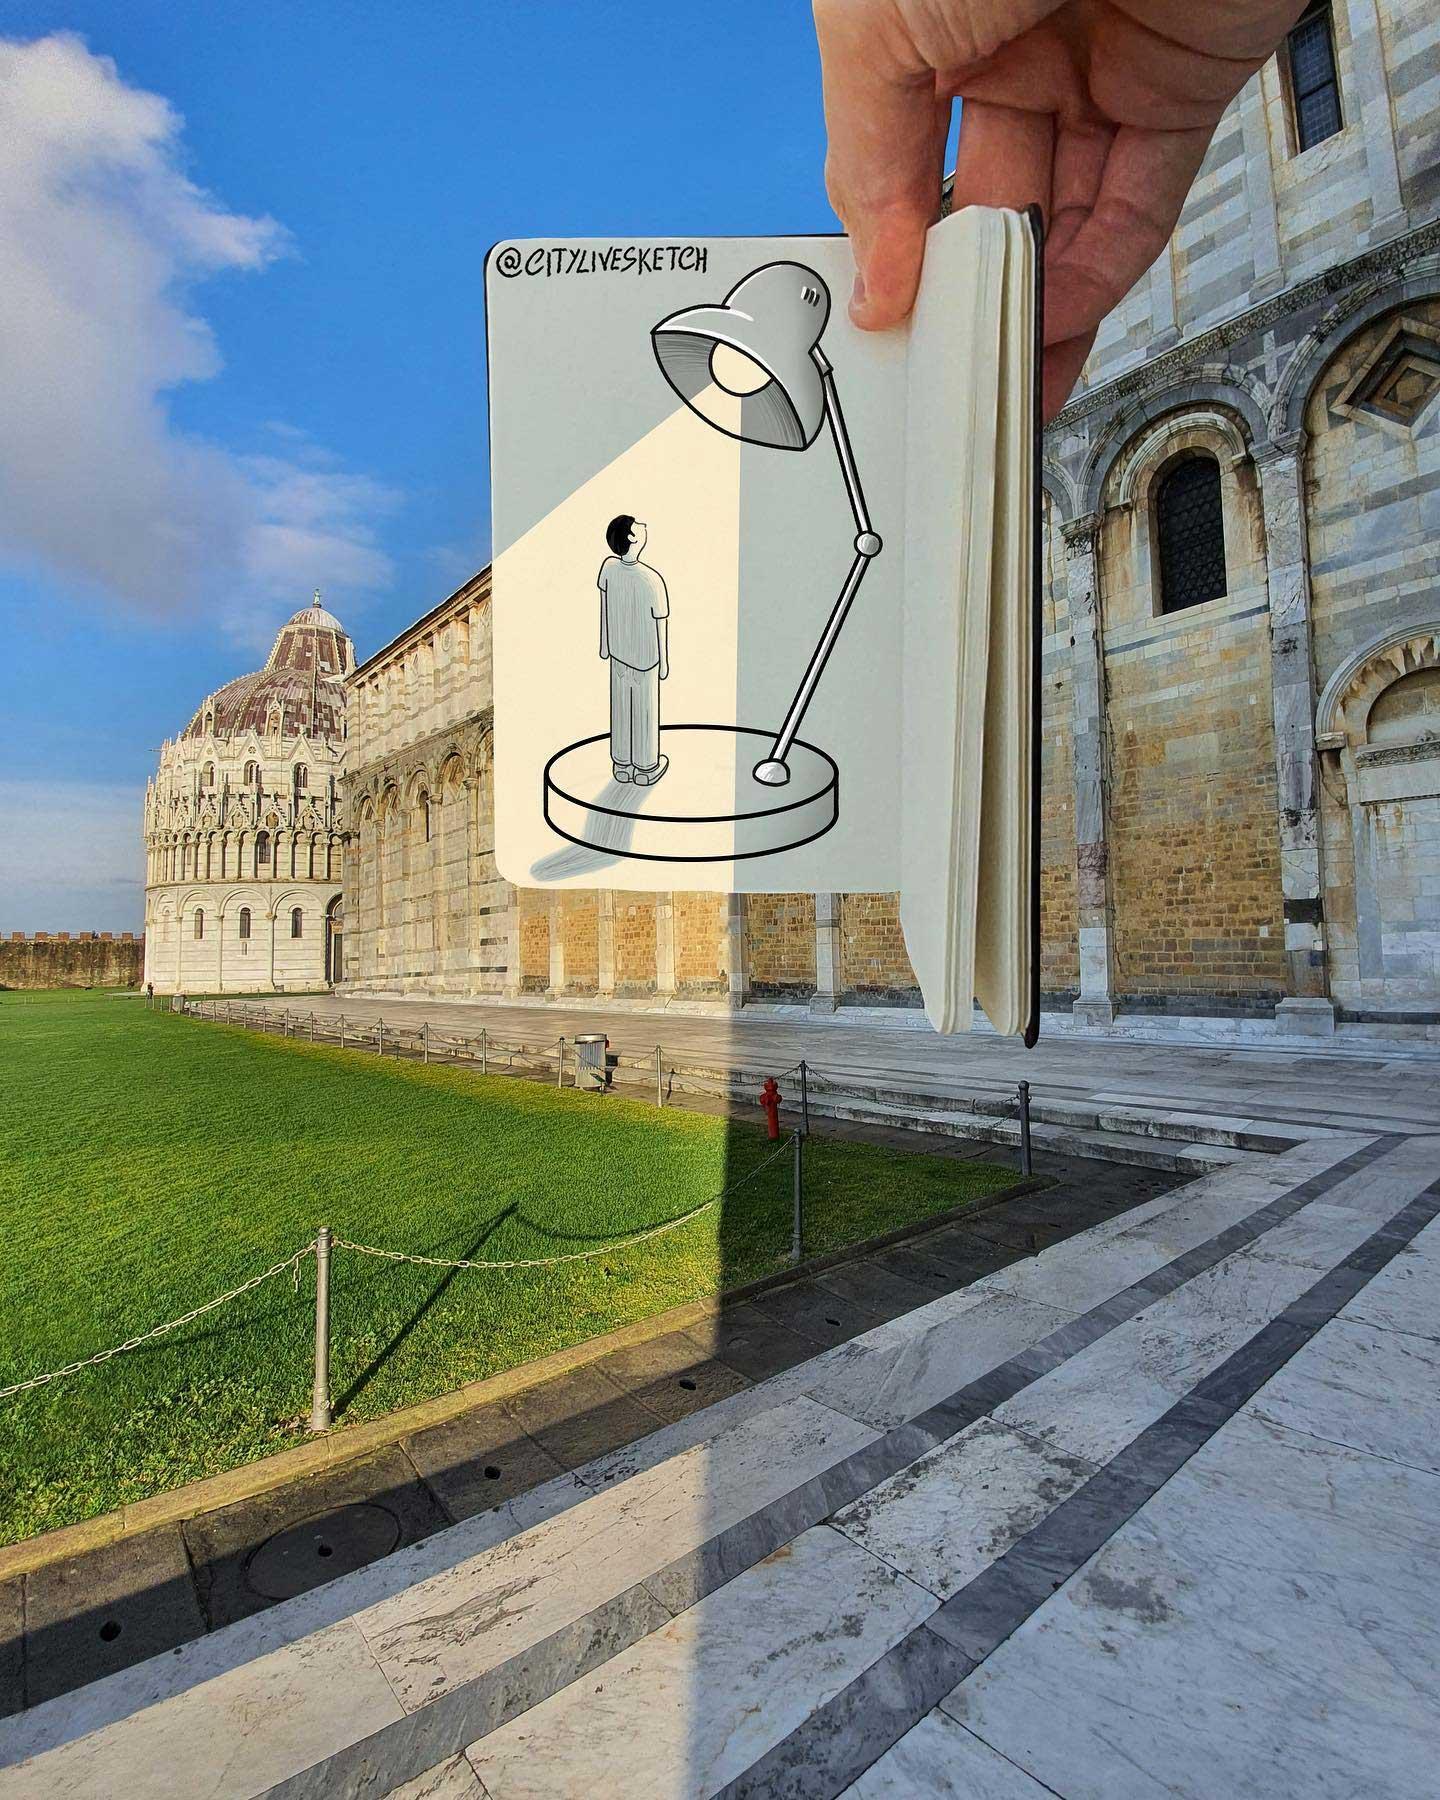 Pietro Cataudella lässt Zeichnungen mit der Realität verschmelzen CityLiveSketch-Pietro-Cataudella_05